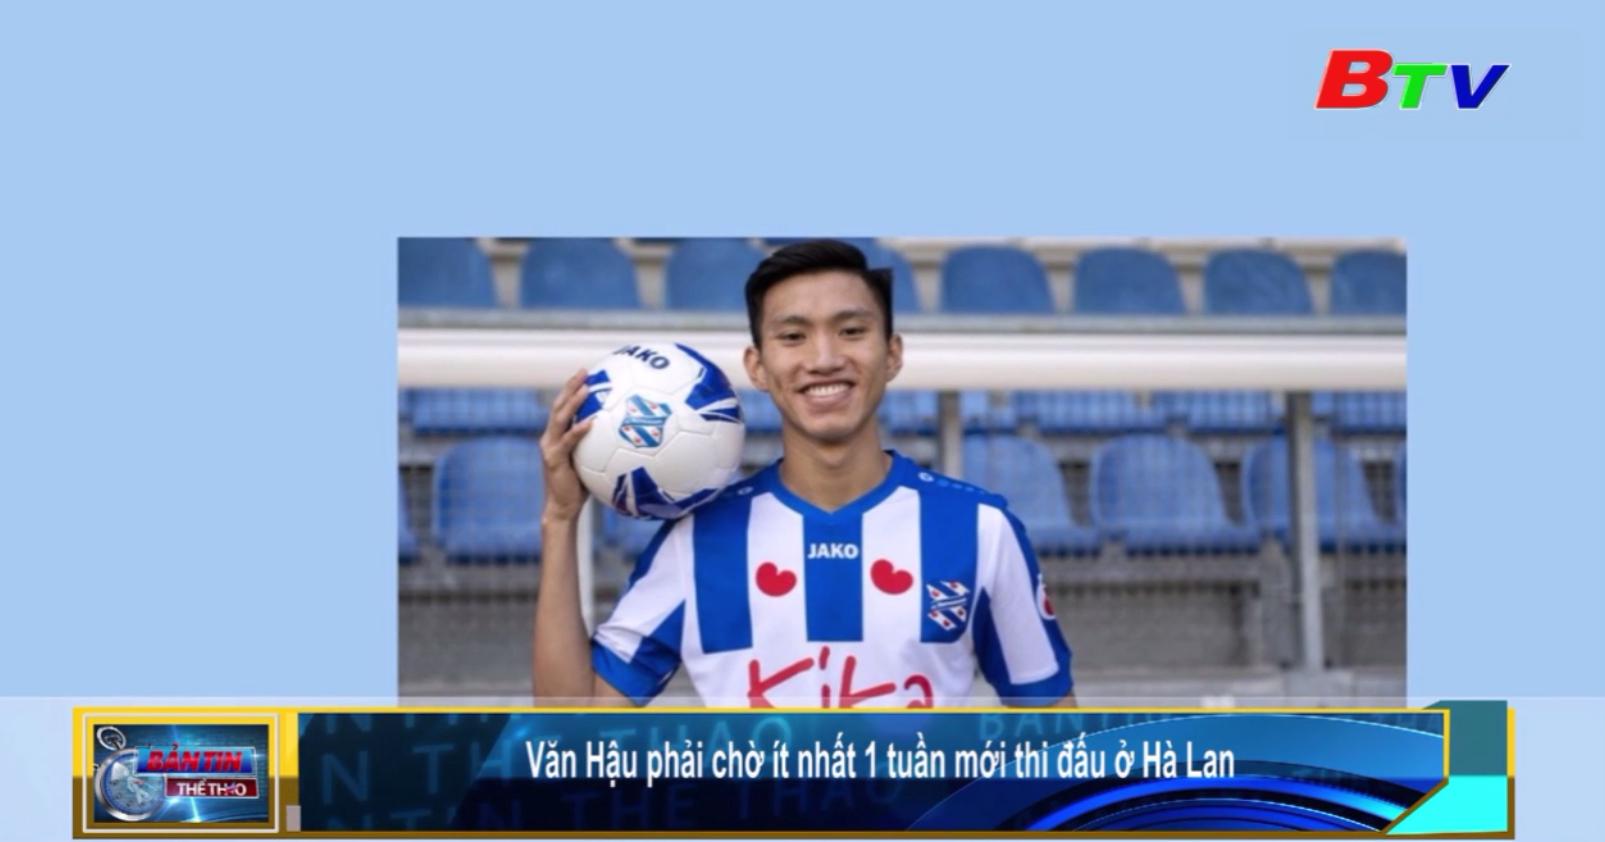 Văn Hậu phải chờ ít nhất 1 tuần mới thi đấu ở Hà Lan